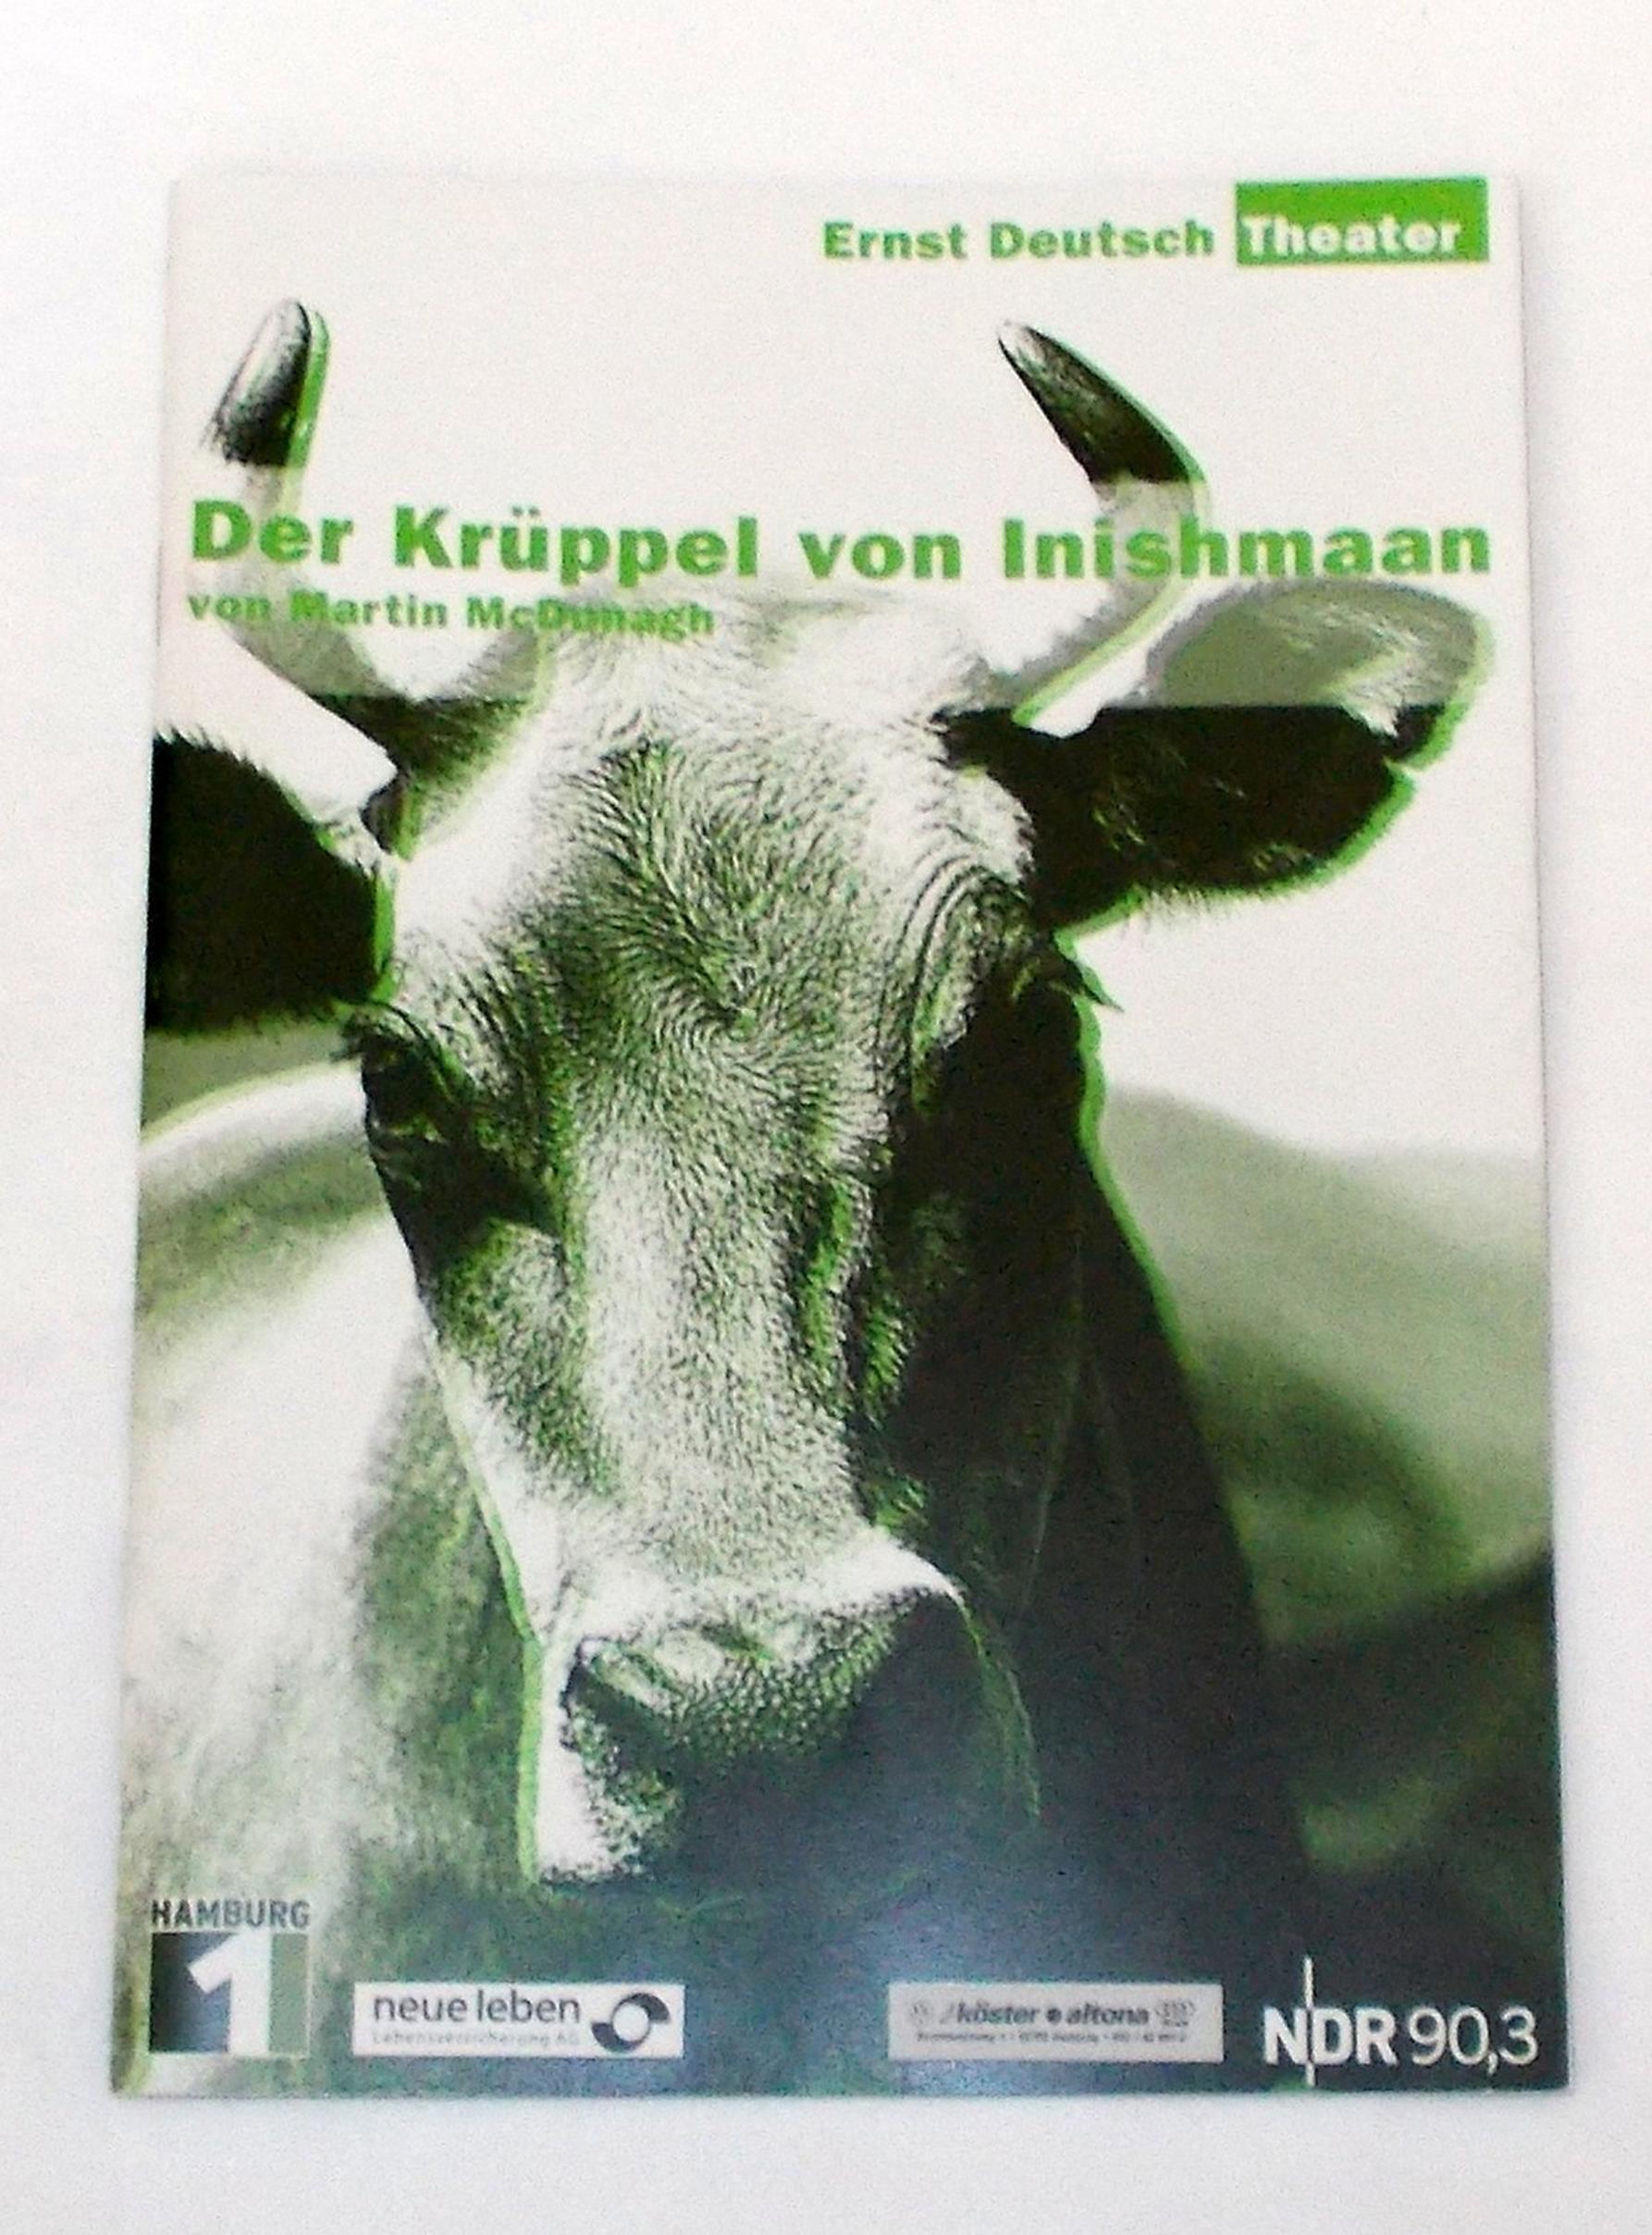 Programmheft Der Krüppel von Inishmaan. Ernst Deutsch Theater 2003